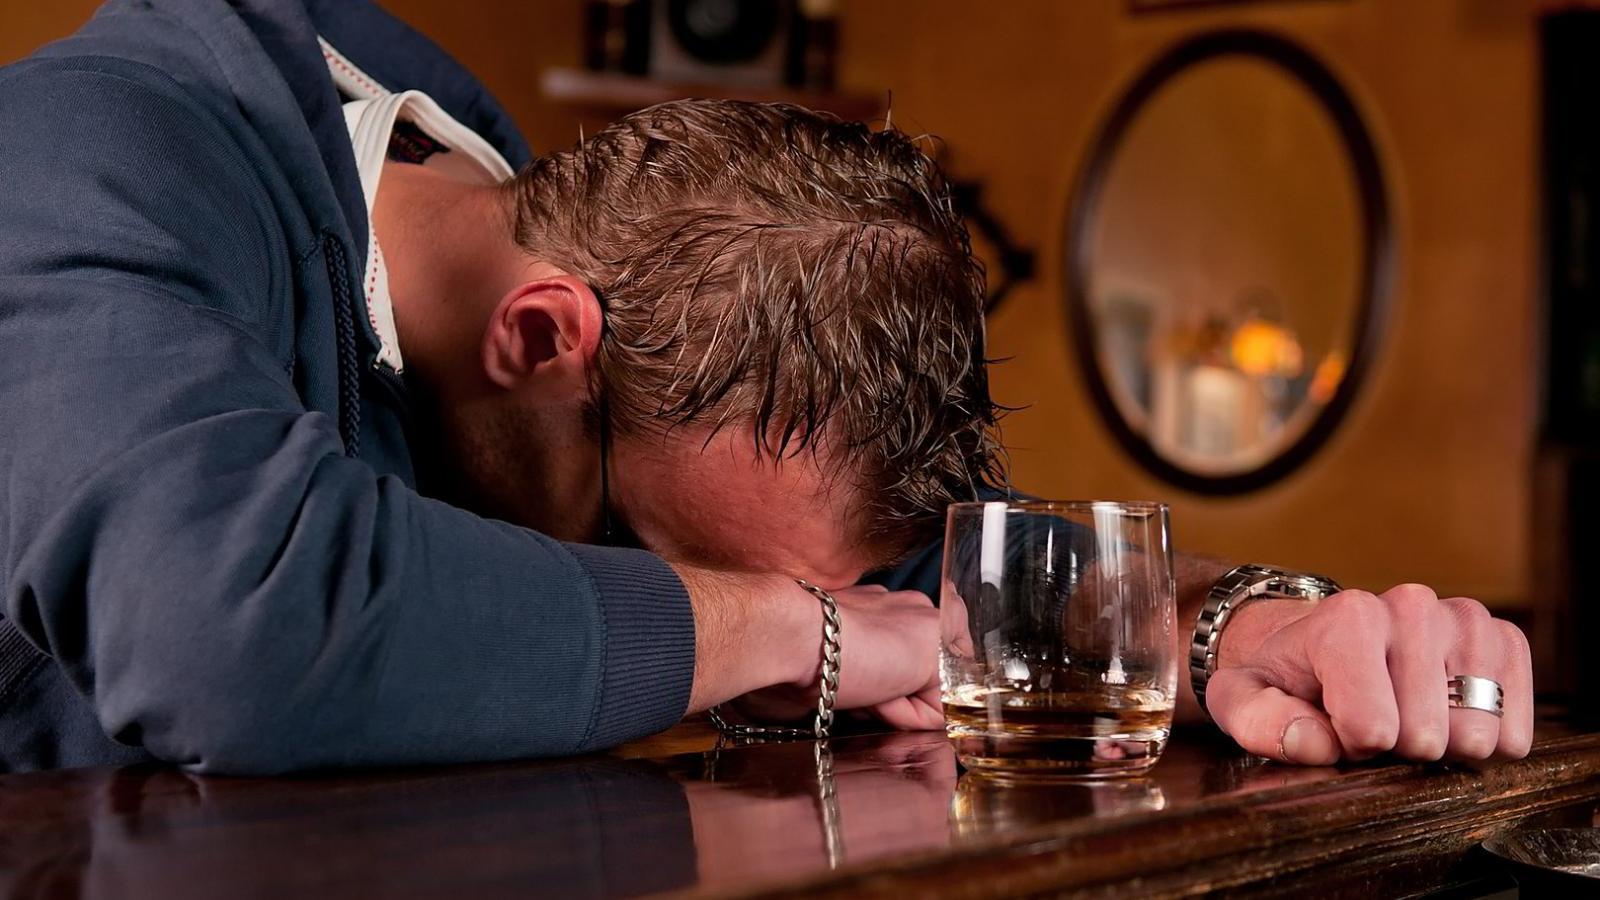 Посетитель кафе пил весь вечер и не смог расплатиться